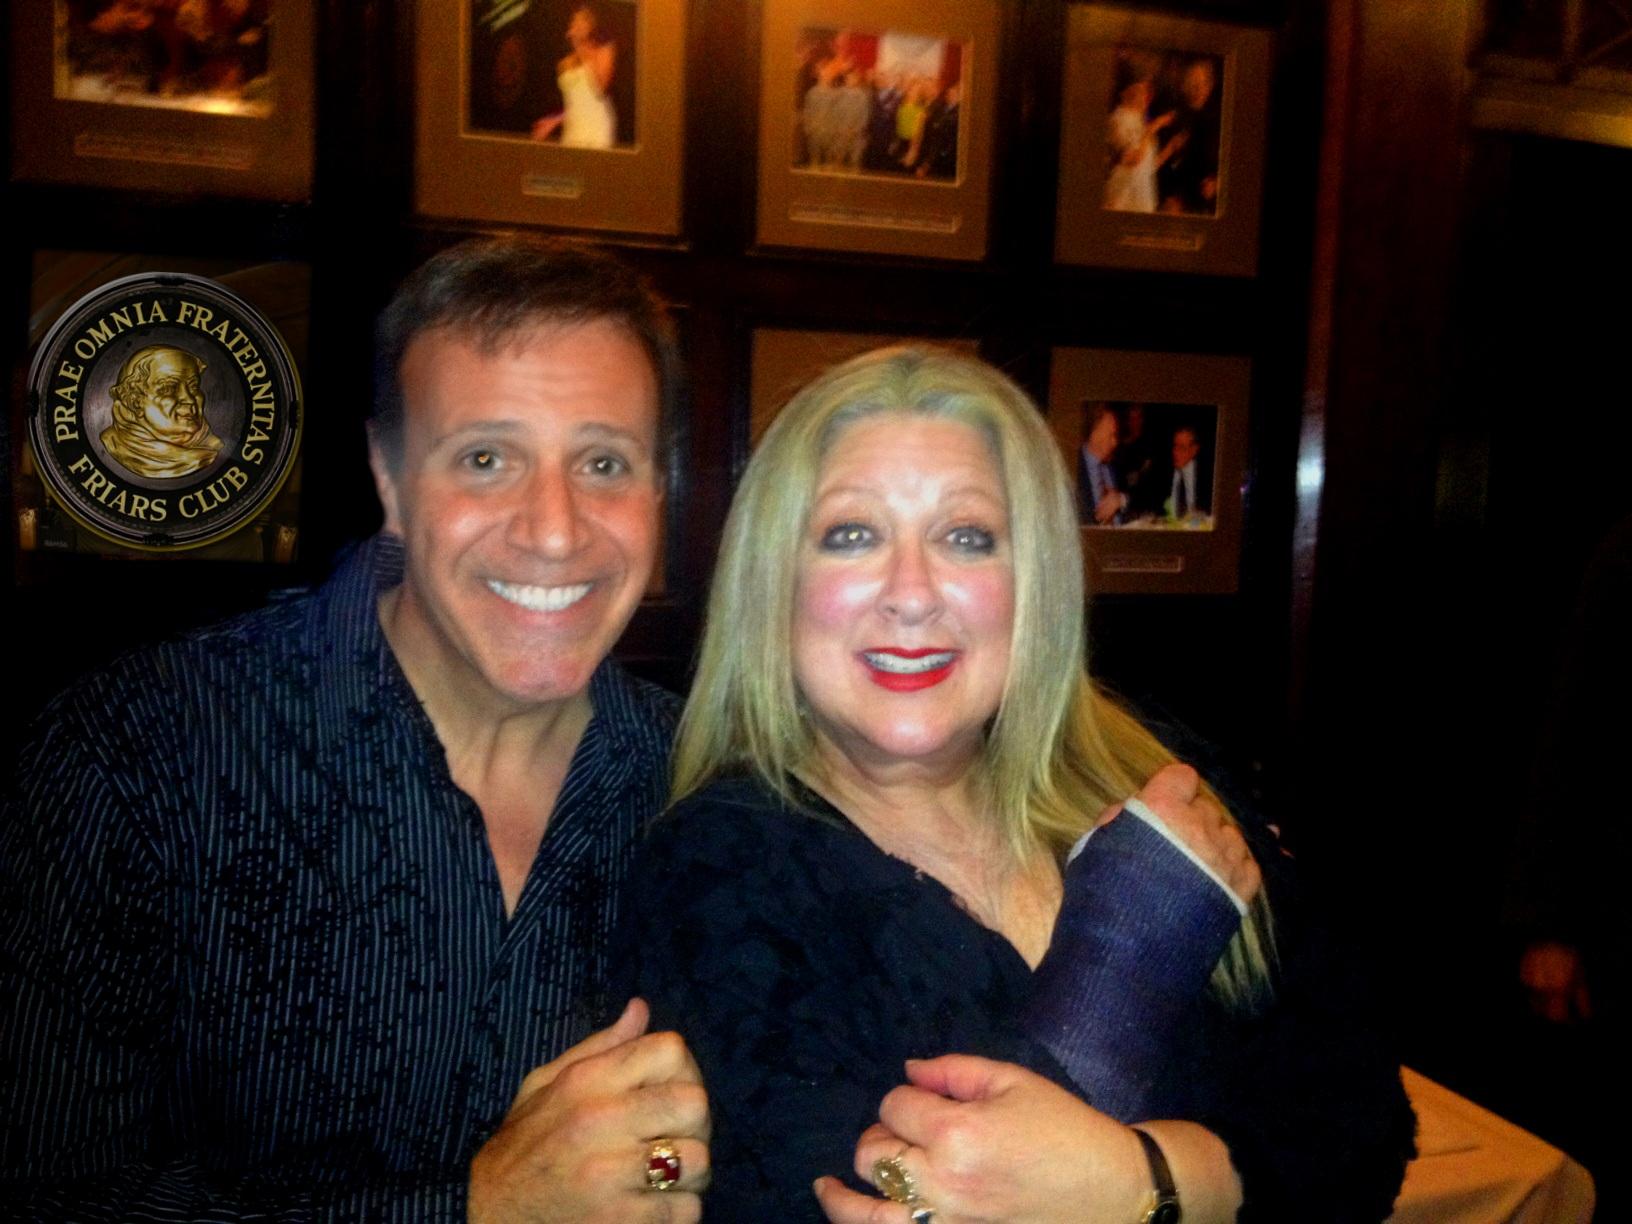 Stephen Sorrentino & Elaine Boosler